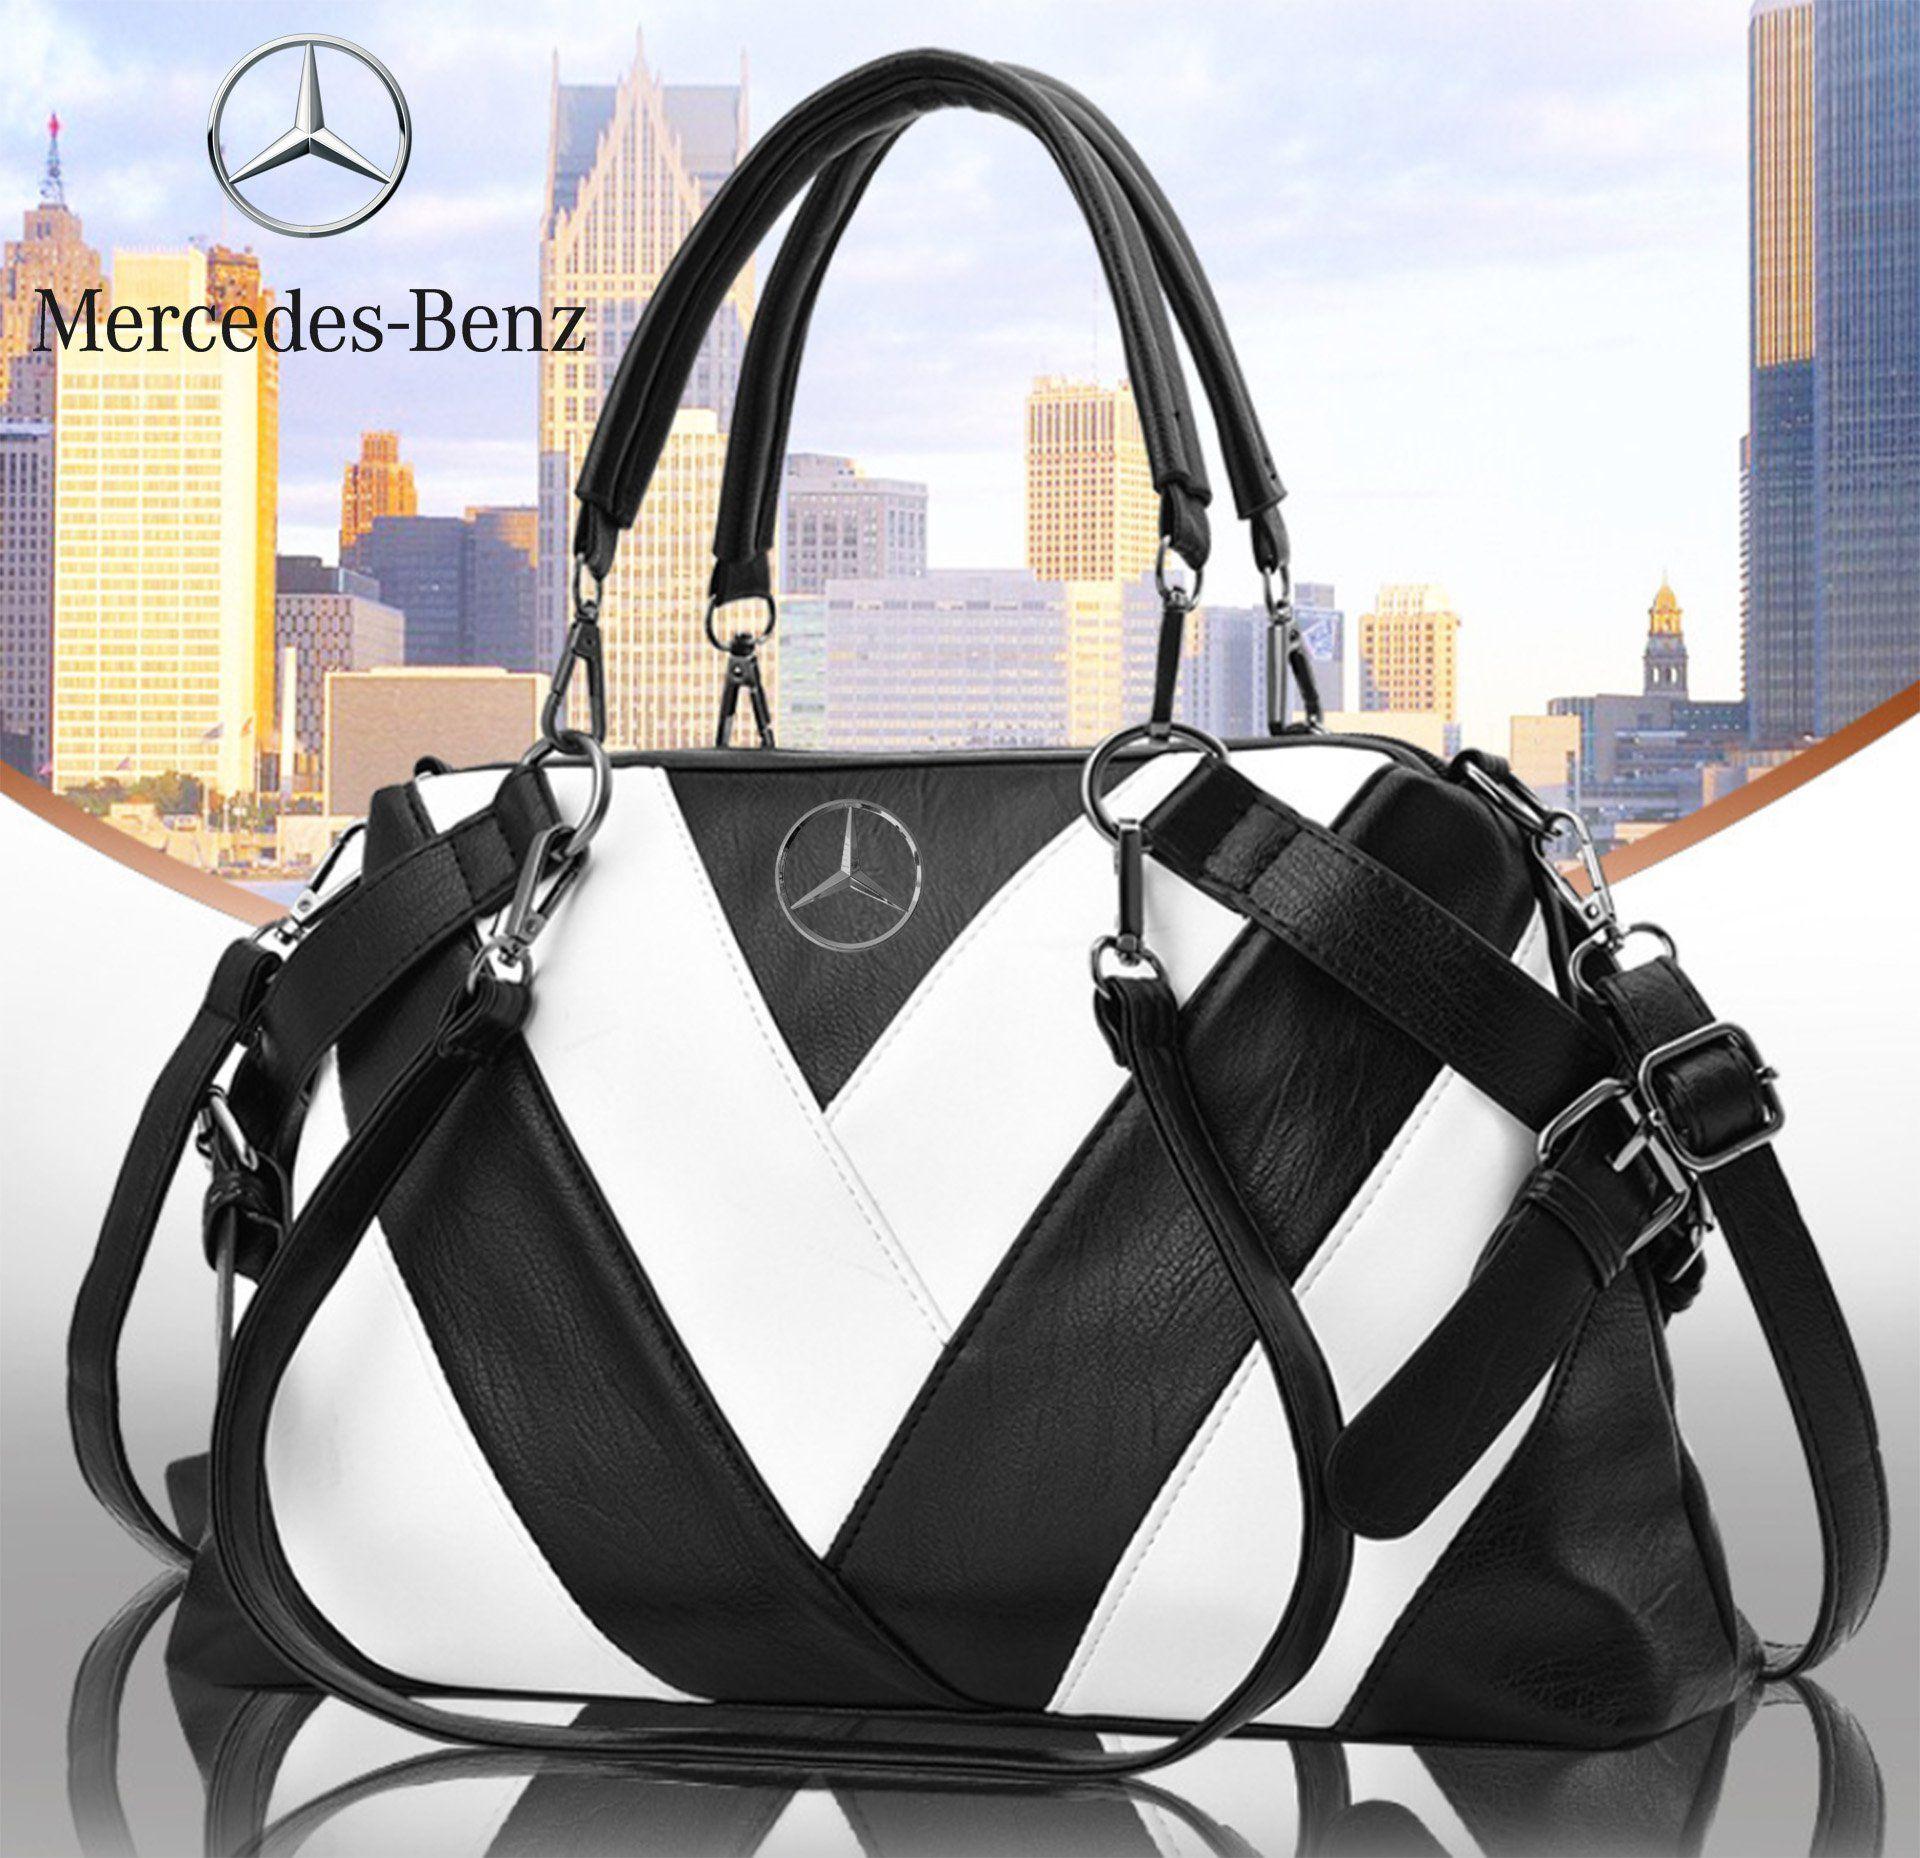 Mercedes High-Class Women Bag 2020 | Bags, Purses, handbags ...